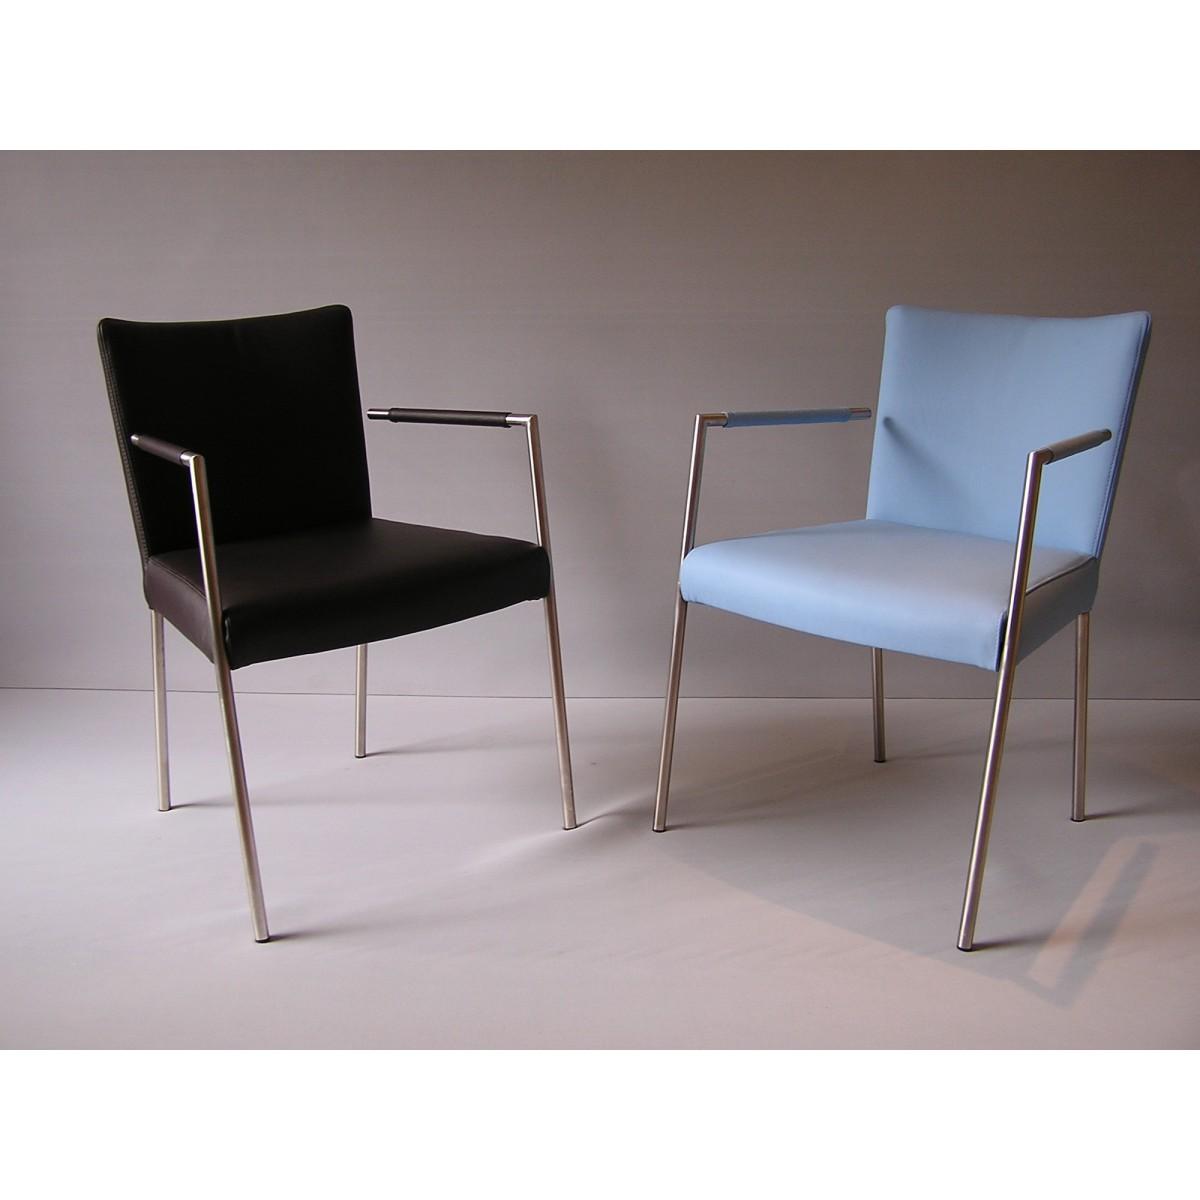 st hl auf rollen single bravo i live design preisg nstig online moebel kaufen. Black Bedroom Furniture Sets. Home Design Ideas